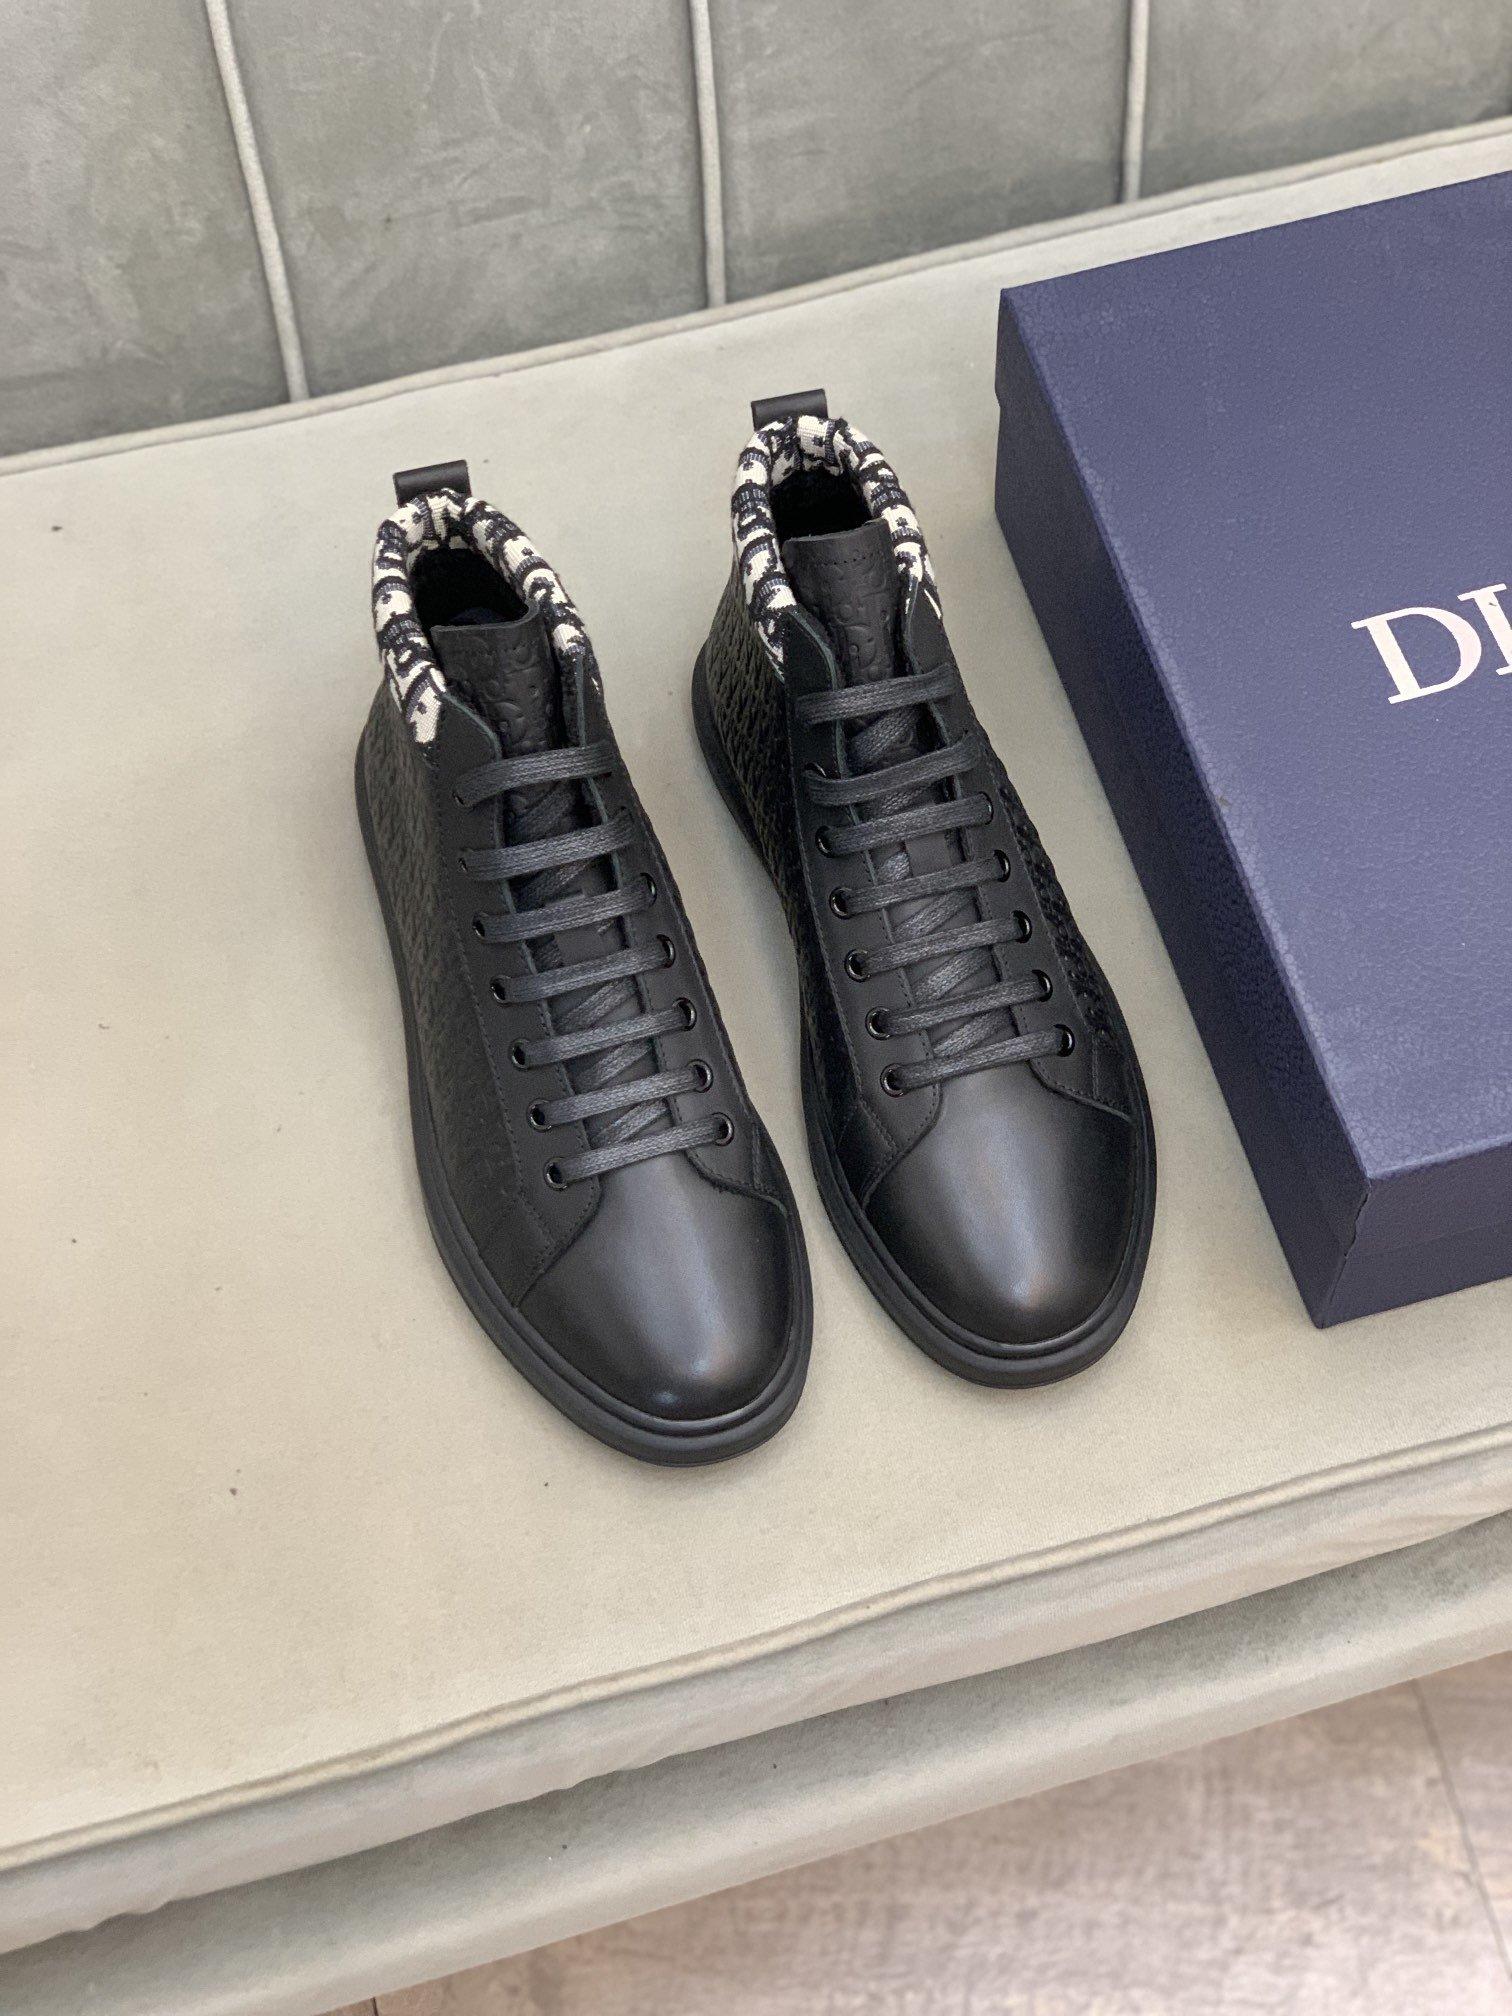 有皮里绒里两种Dio*迪*高帮休闲鞋